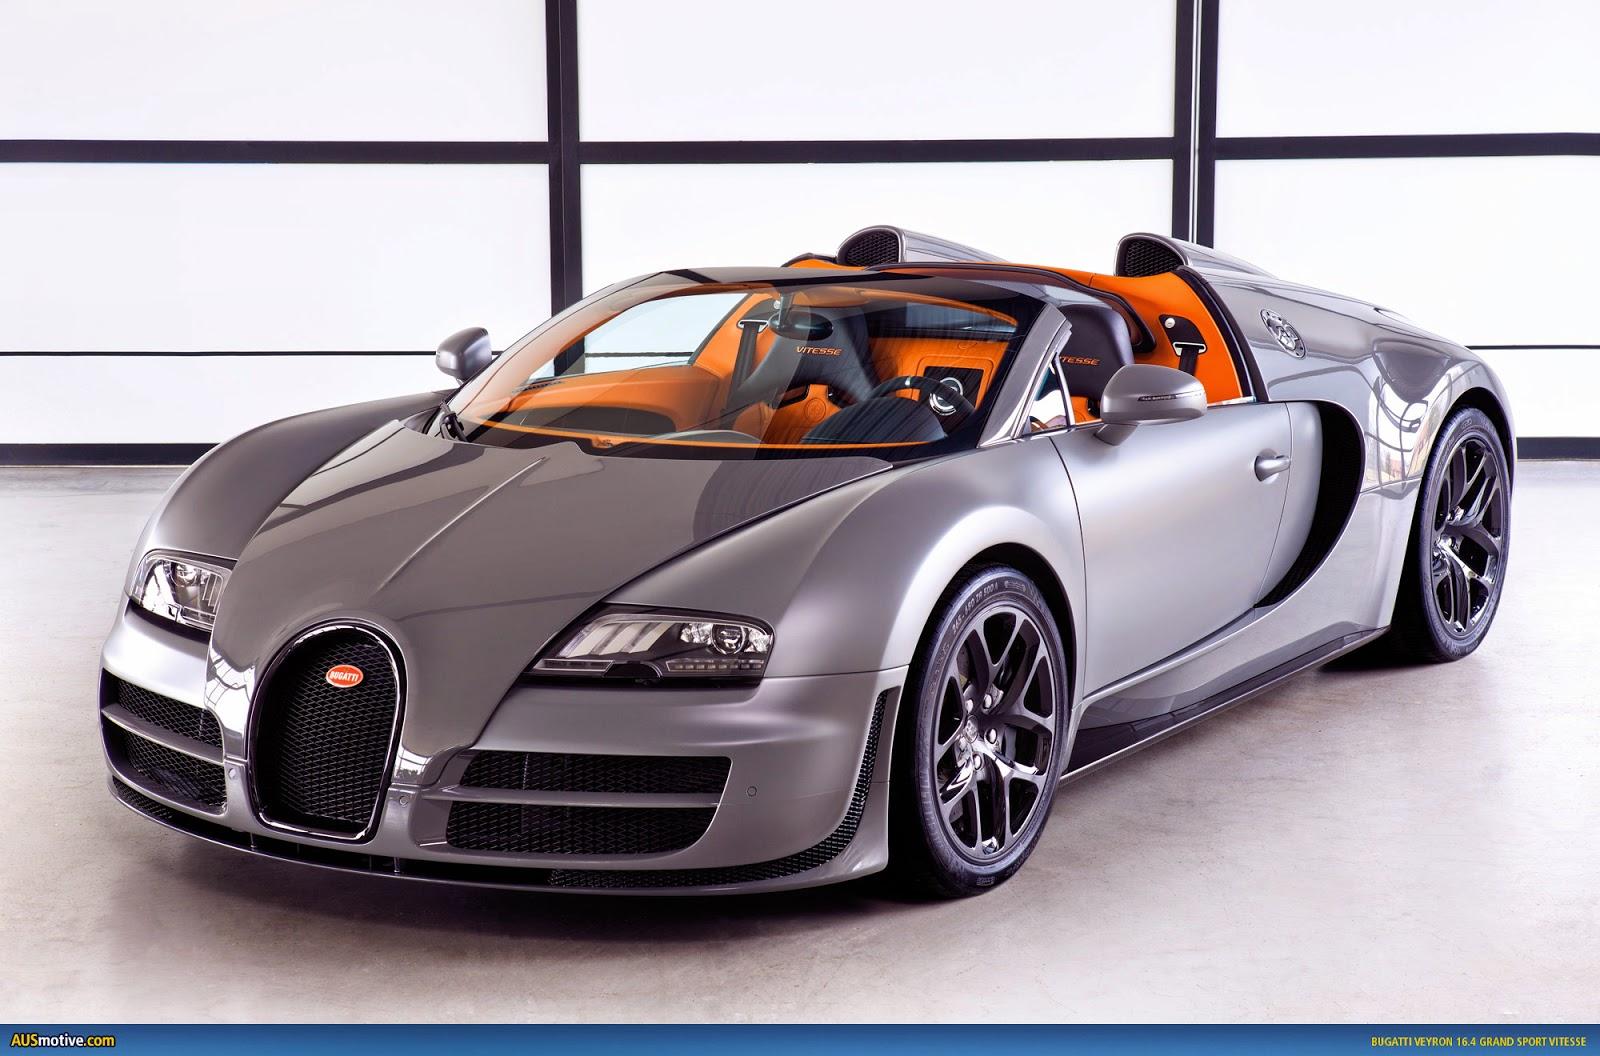 Bugatti Veyron 16.4 Grand Sport Vitesse models 2014